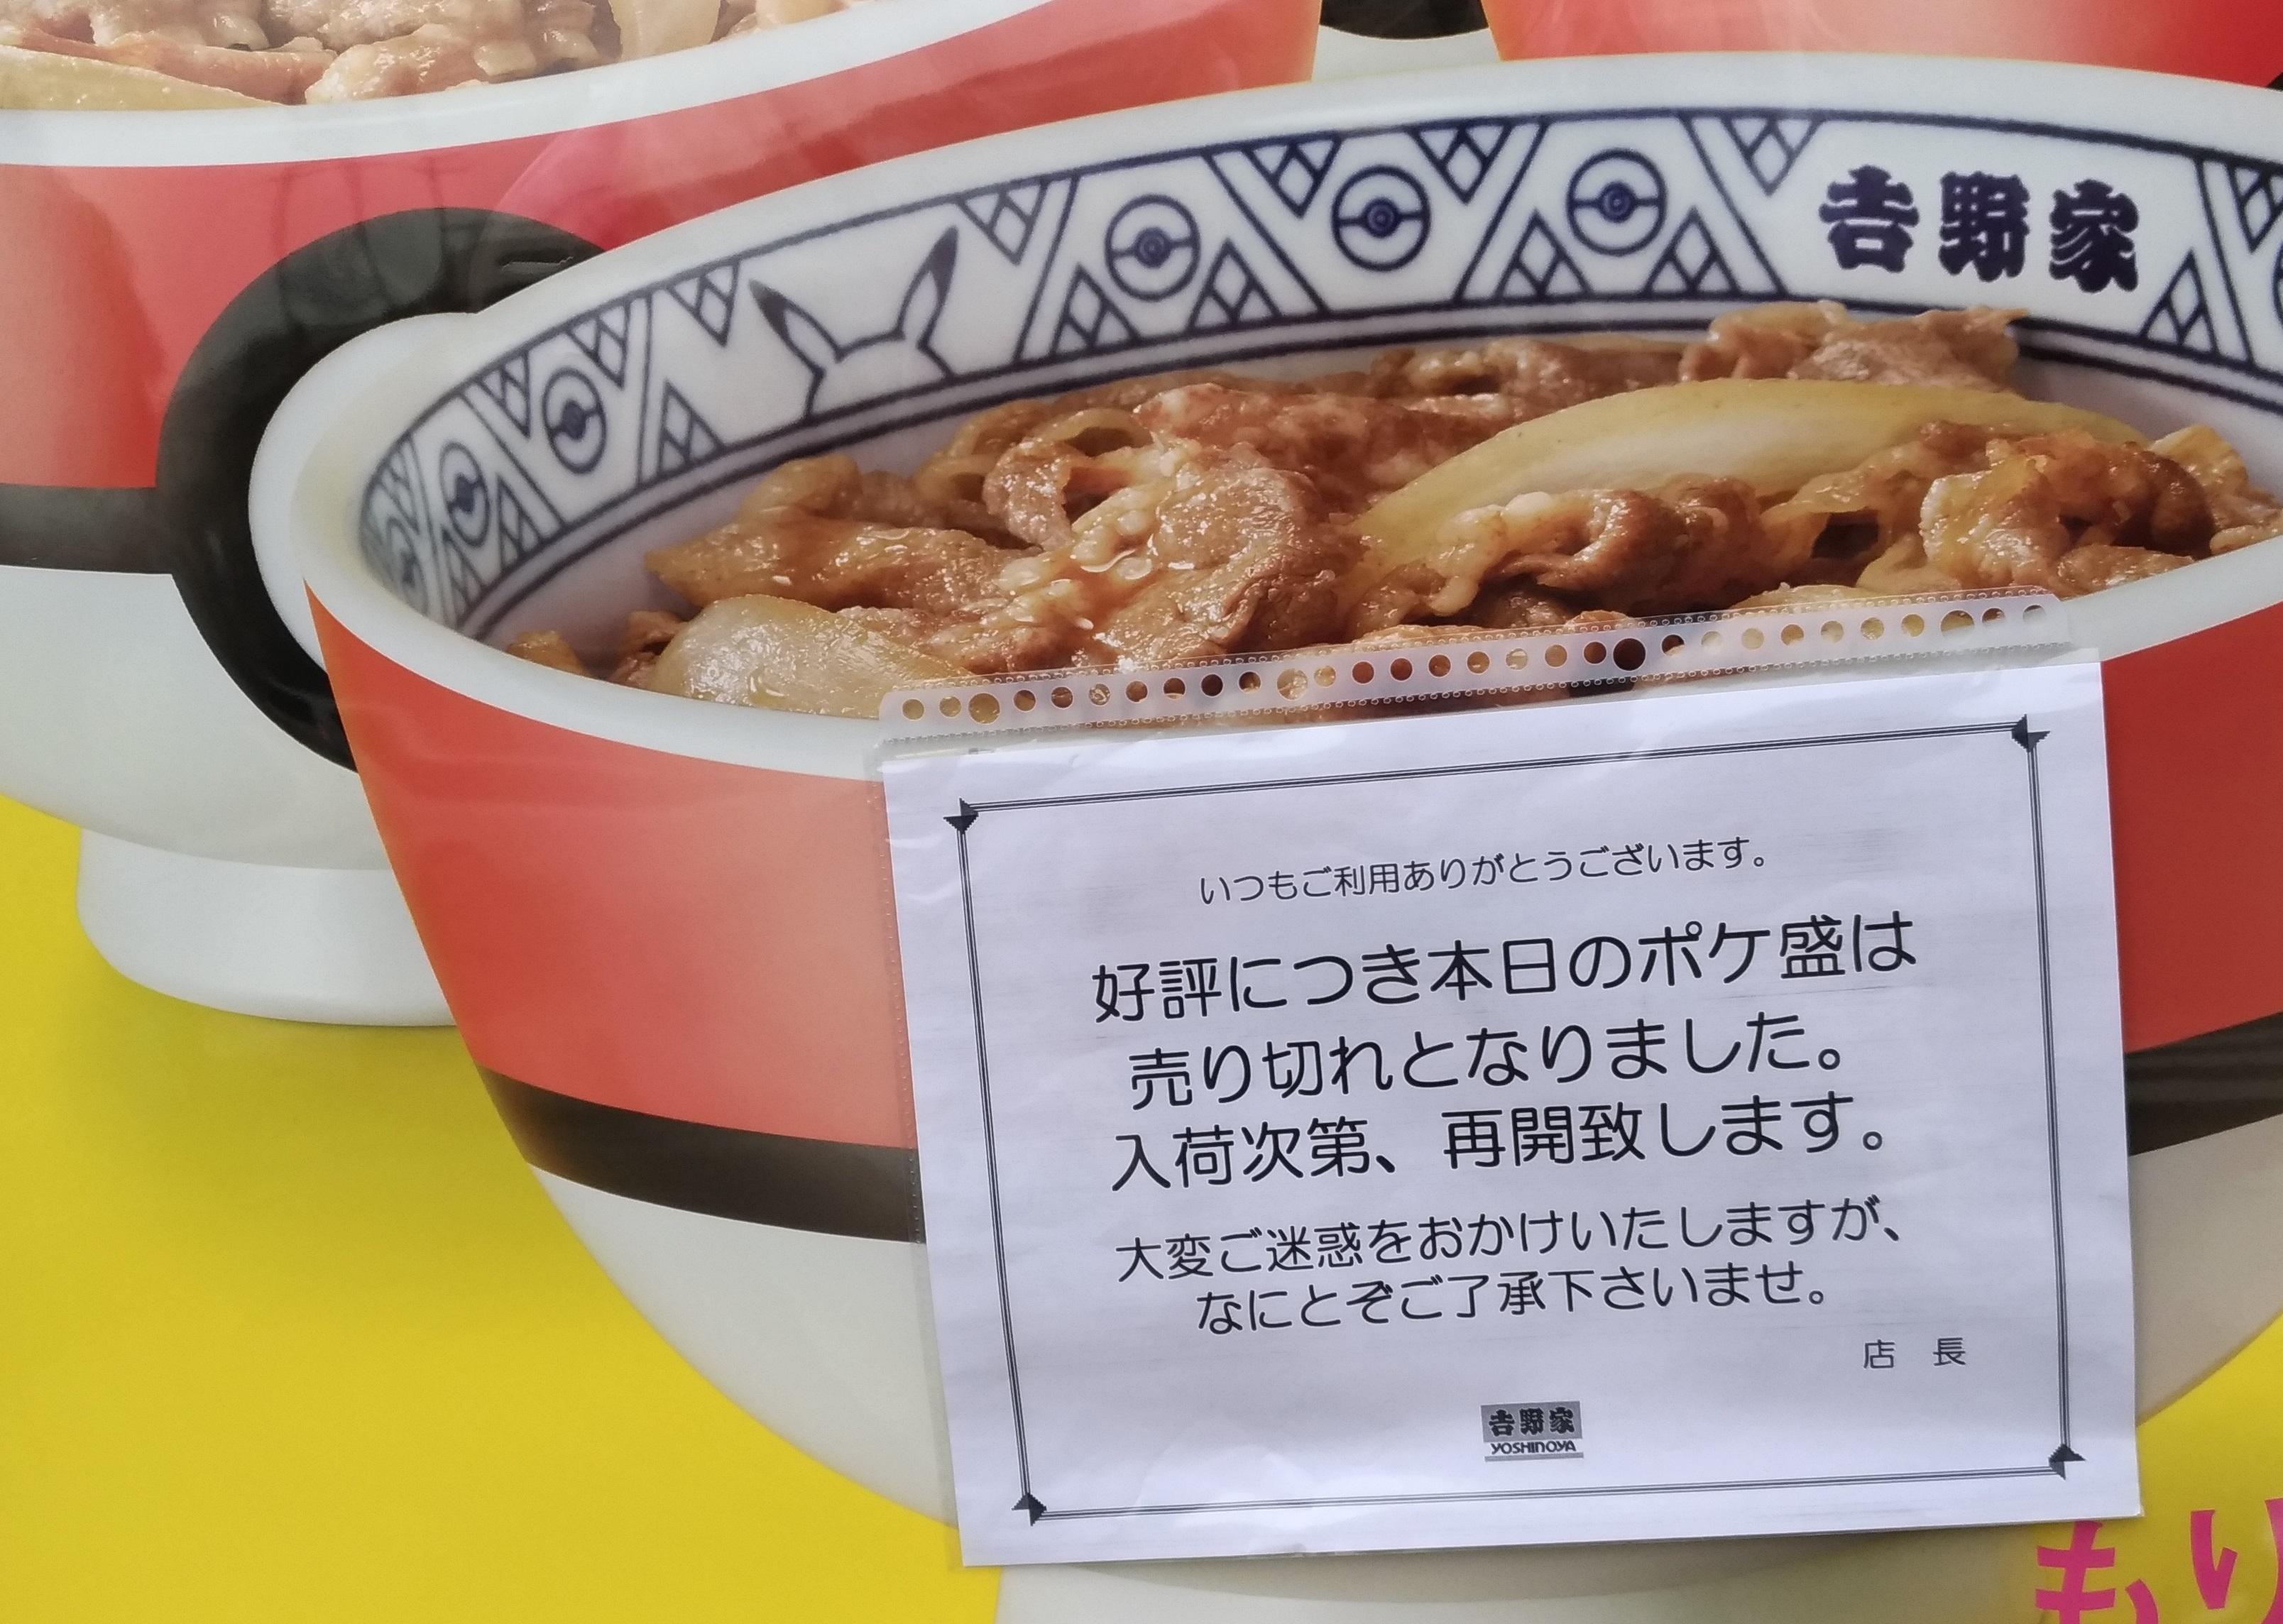 pokemon_yoshinoya_.jpg